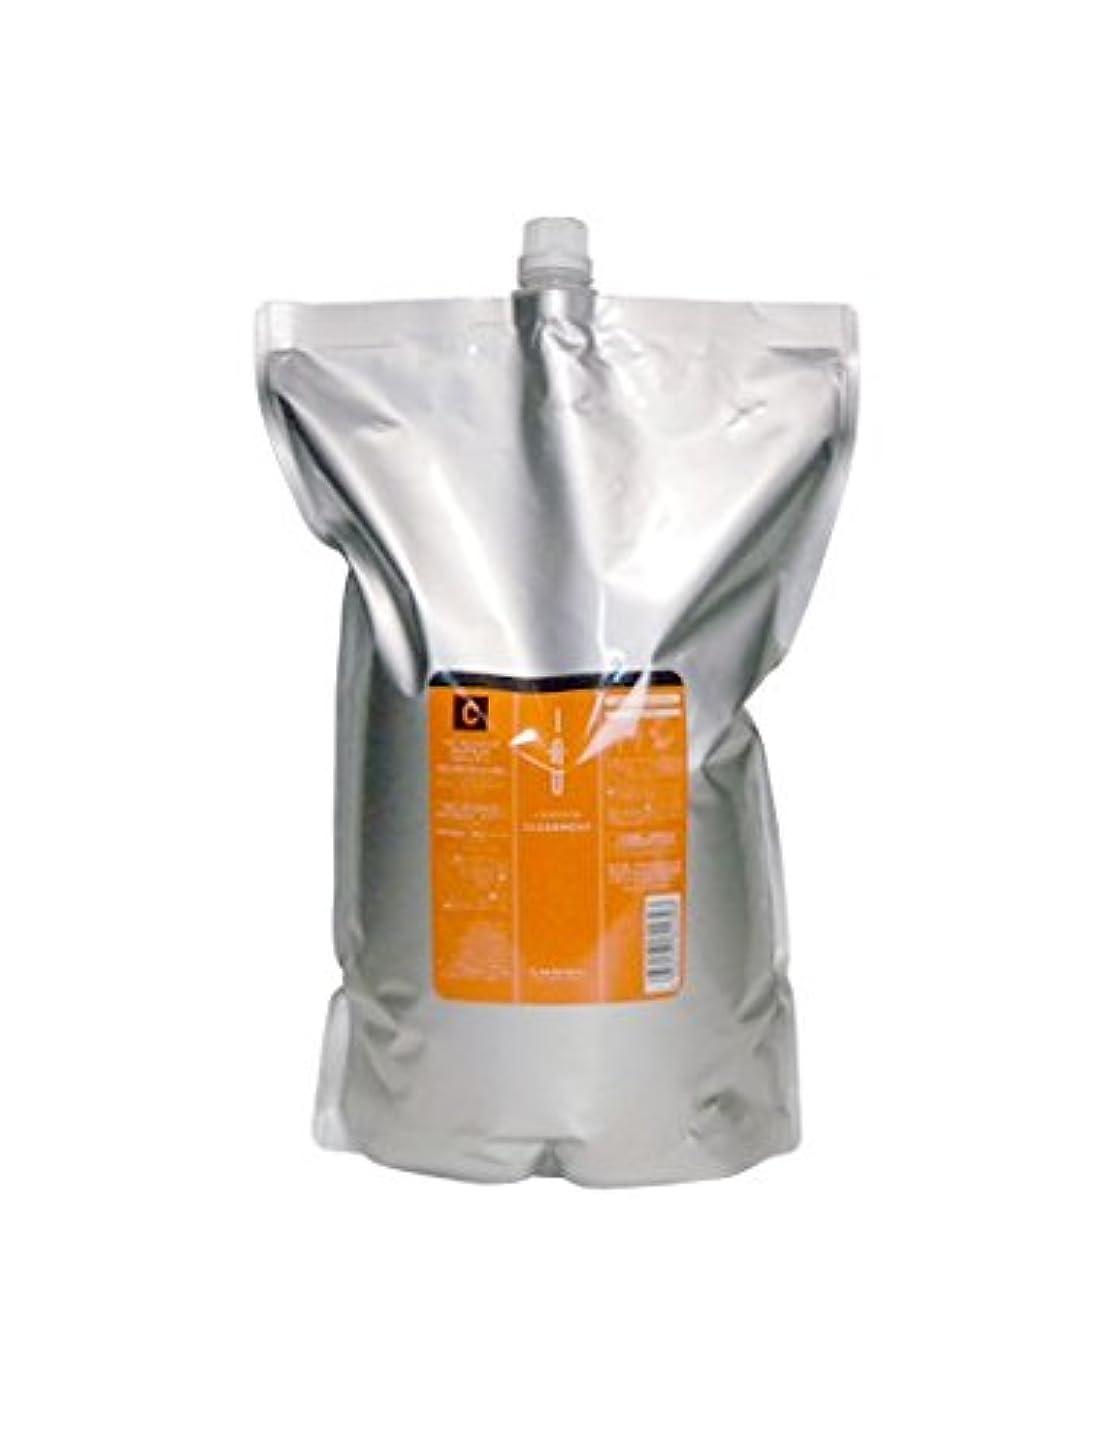 第三低下ゴミ箱を空にするルベル イオ シャンプー クレンジング クリアメント 2500ml リフィル